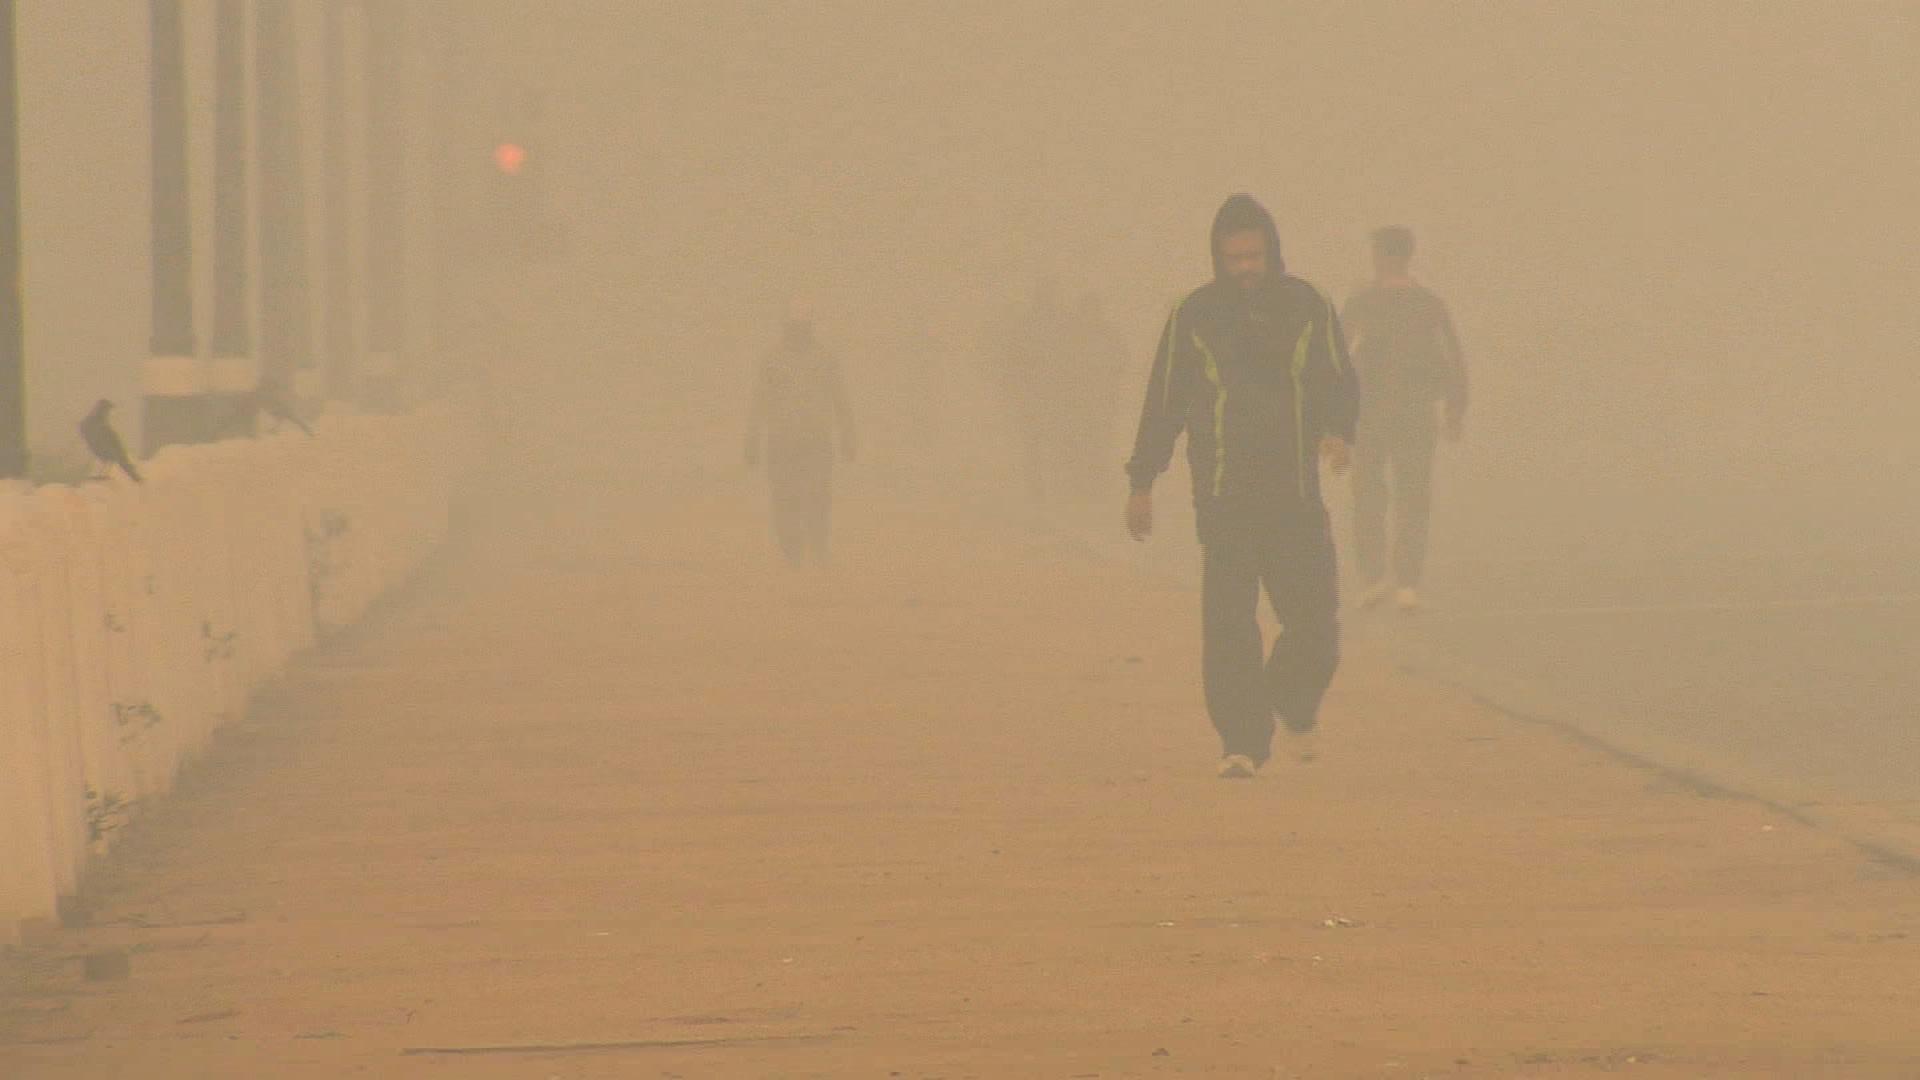 تلوث هواء دلهي هو الأسوأ على وجه الأرض